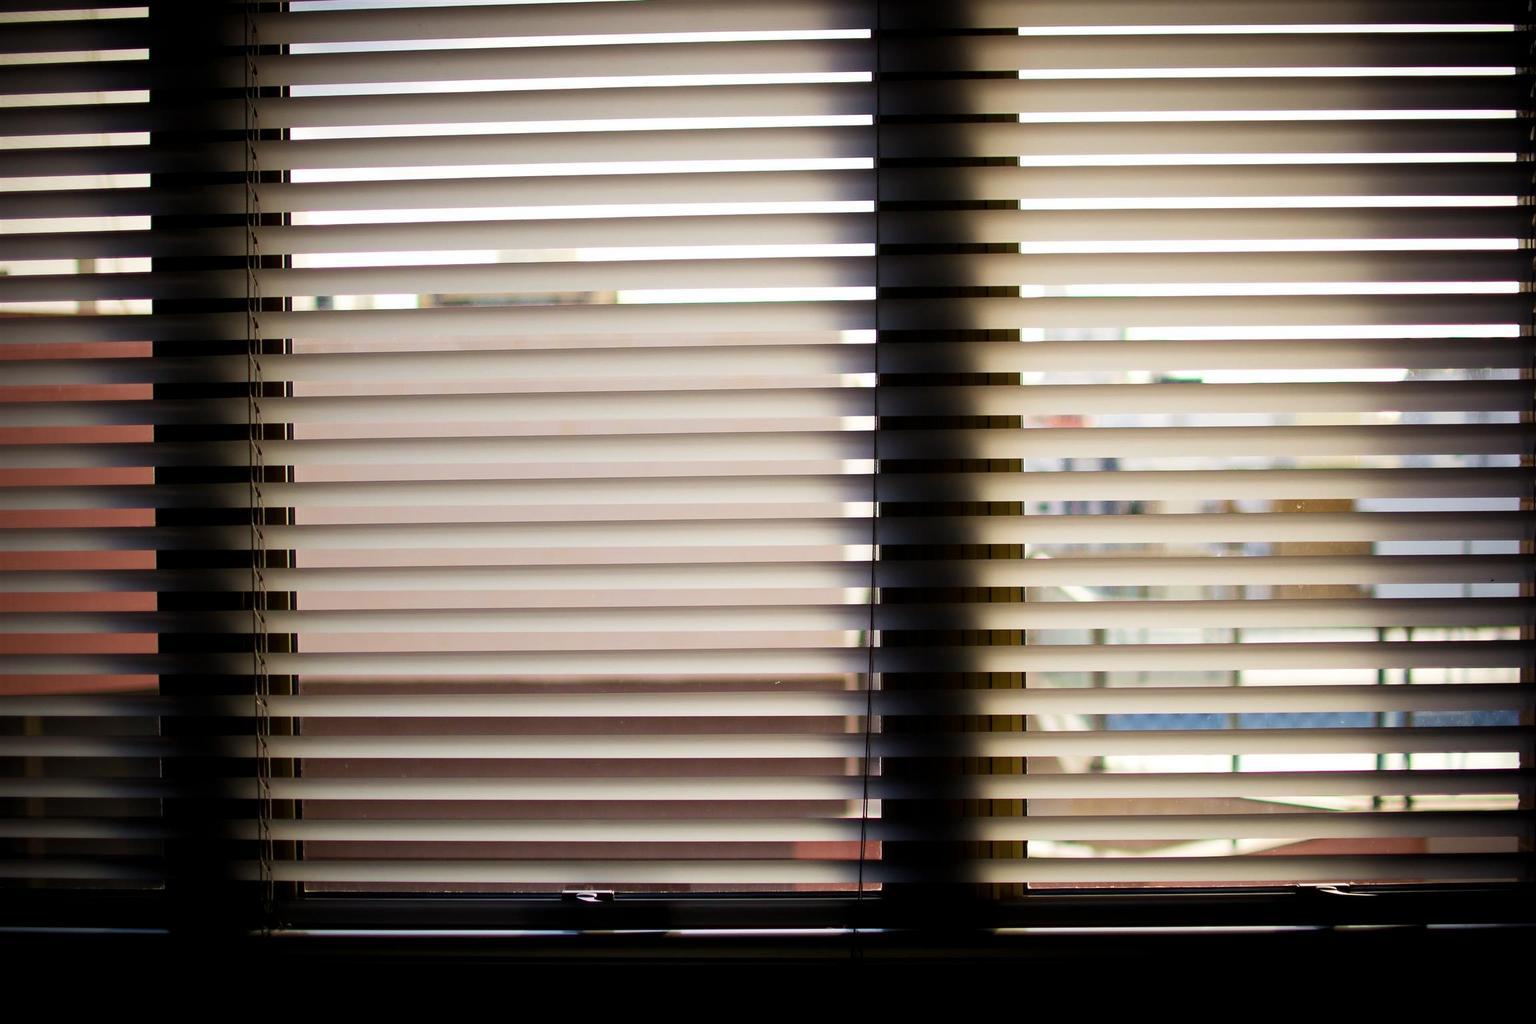 okno, žaluzie